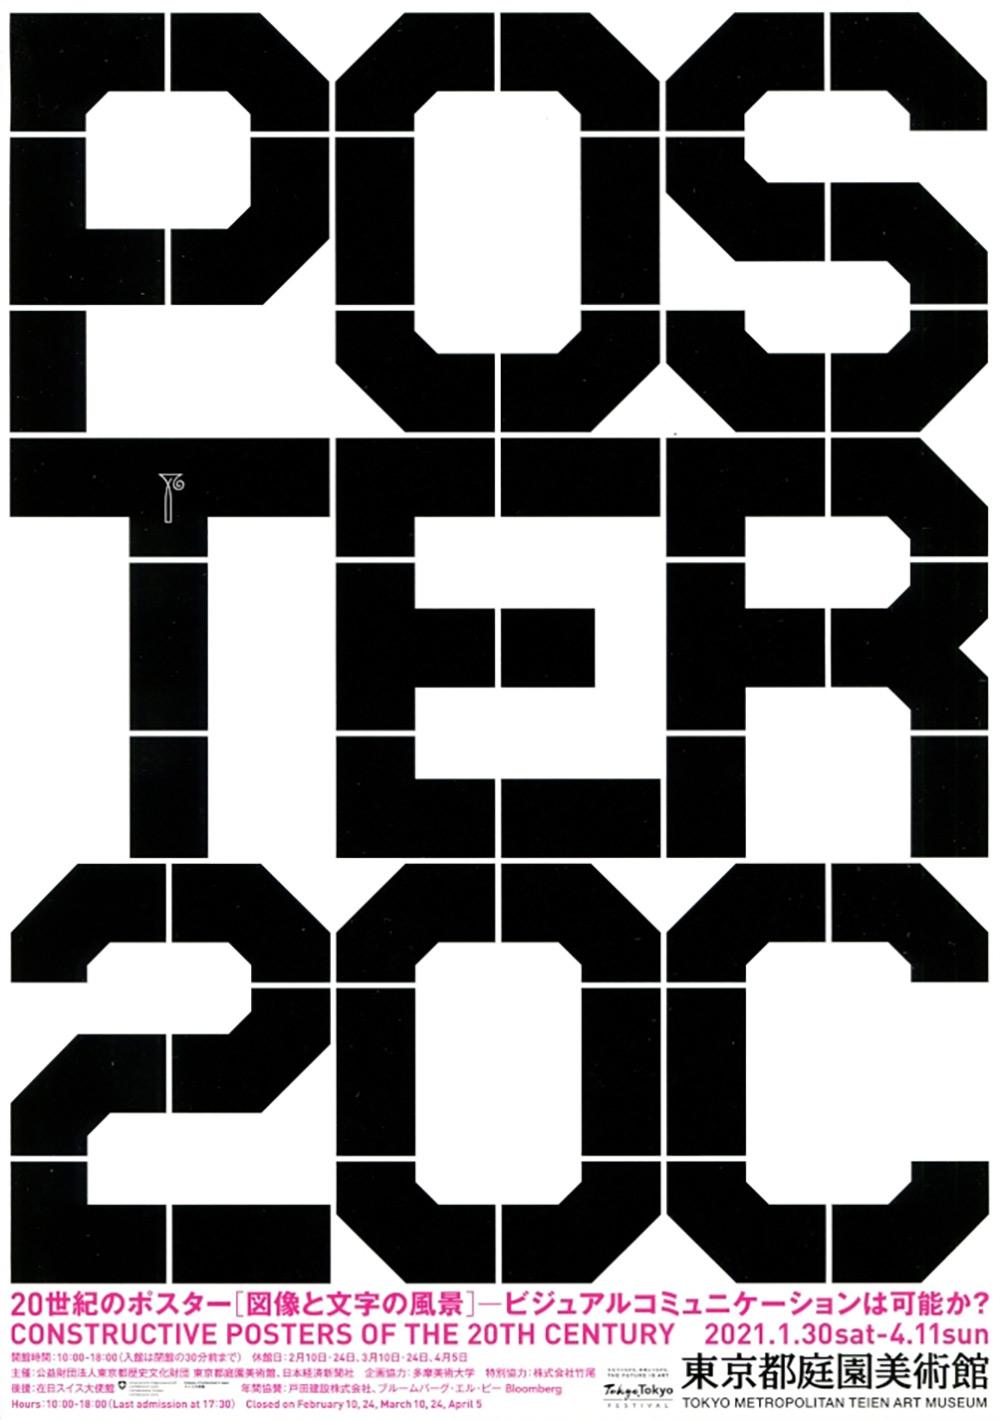 去看展吗?12张日本展览海报设计